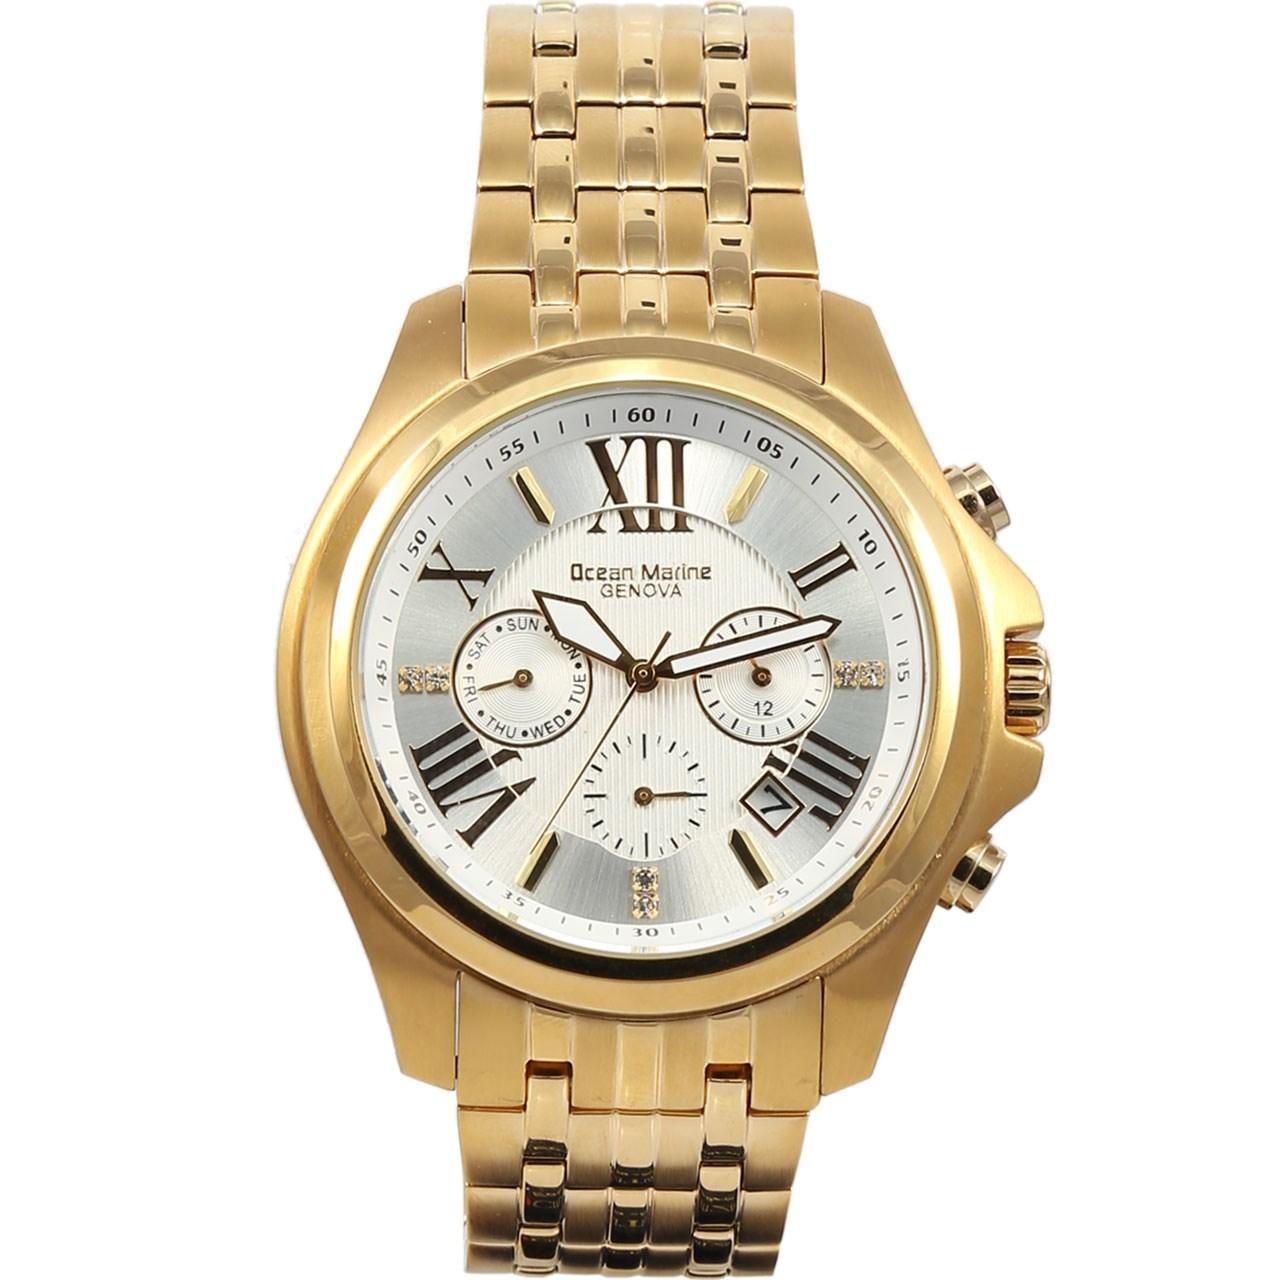 ساعت مچی عقربه ای مردانه اوشن مارین مدل OM9959-4 46